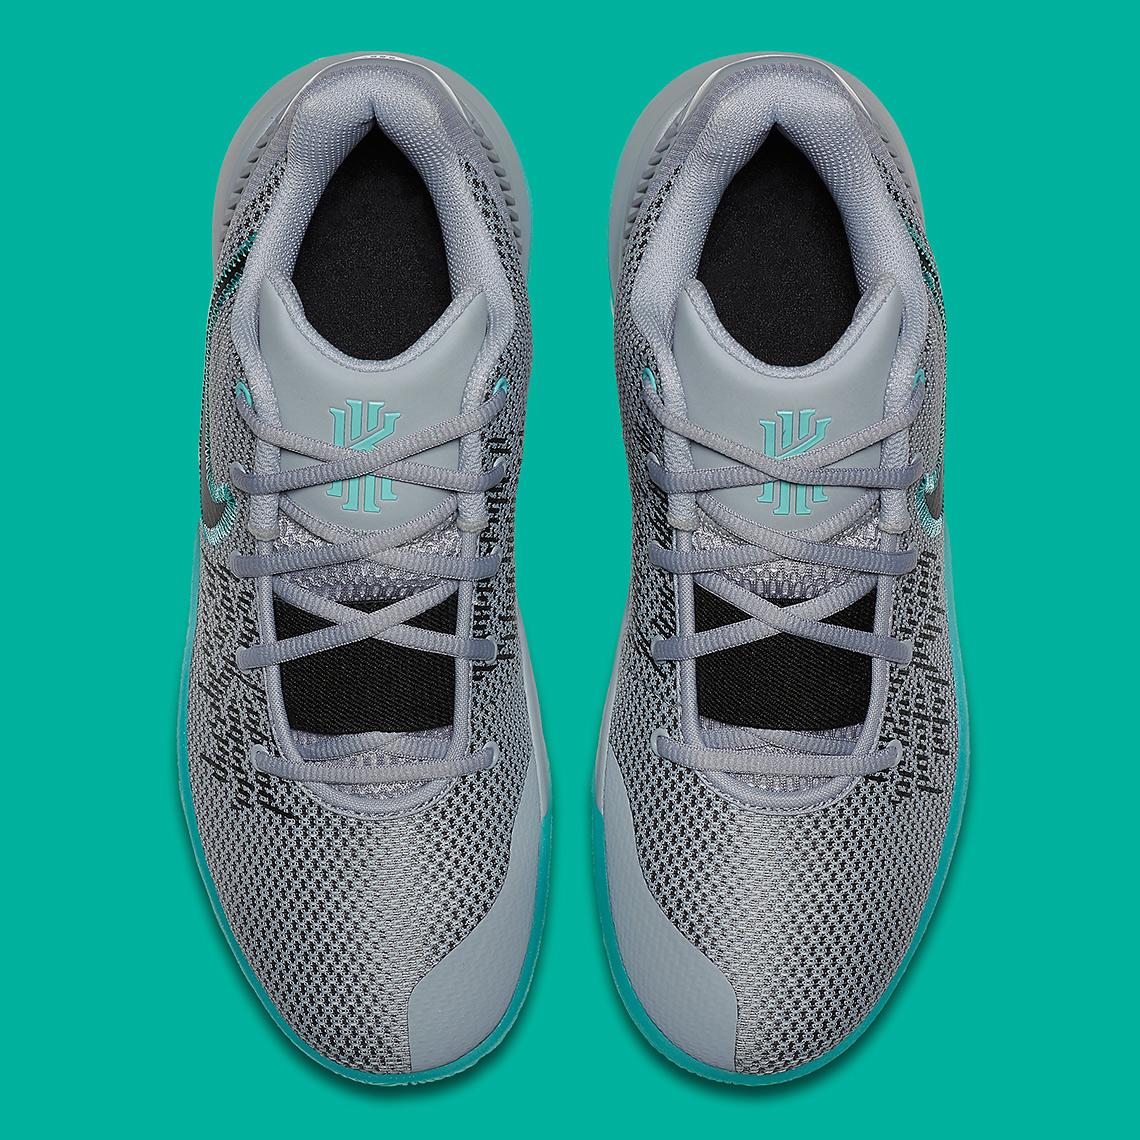 b6a5e5889182 Nike Kyrie Flytrap 2 Green Glow AO4438-003